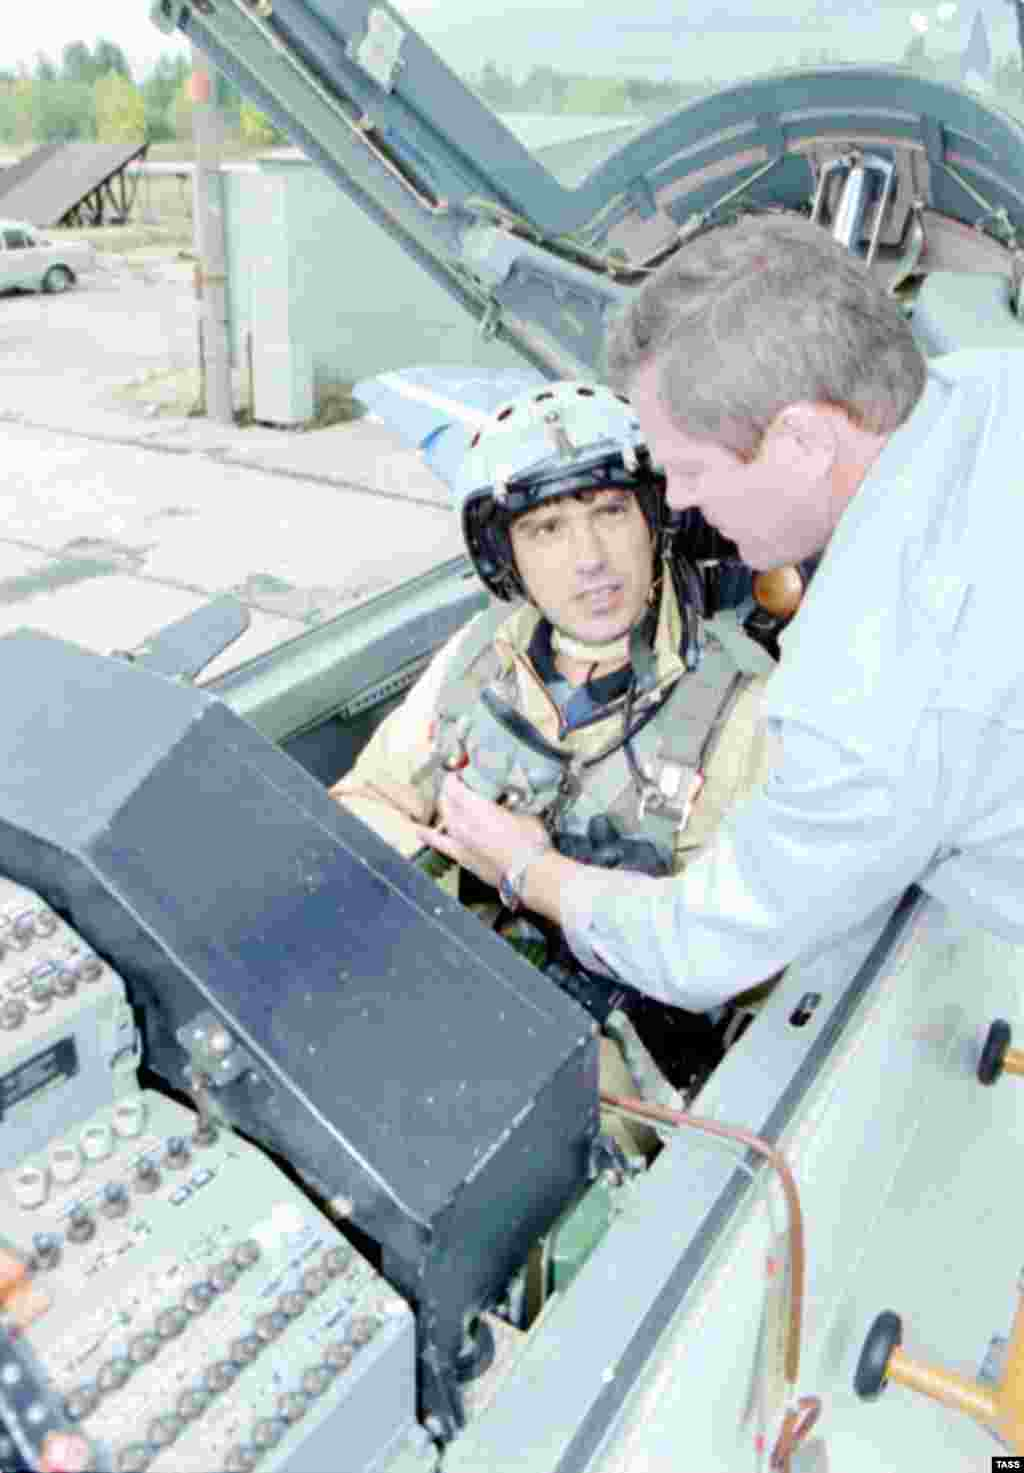 """Борис Немцов """"МиГ"""" әскери ұшағы кабинасында ұшуға дайындалып отыр. 1996 жылы қыркүйекте Нижегород облысының губернаторы жергілікті """"Сокол"""" авиация зауытында жасалған дыбыстан ұшқыр МиГ-29 ұшағымен екінші ұшқыш ретінде ұшты. Ұшақ 35 минут әуеде болды."""